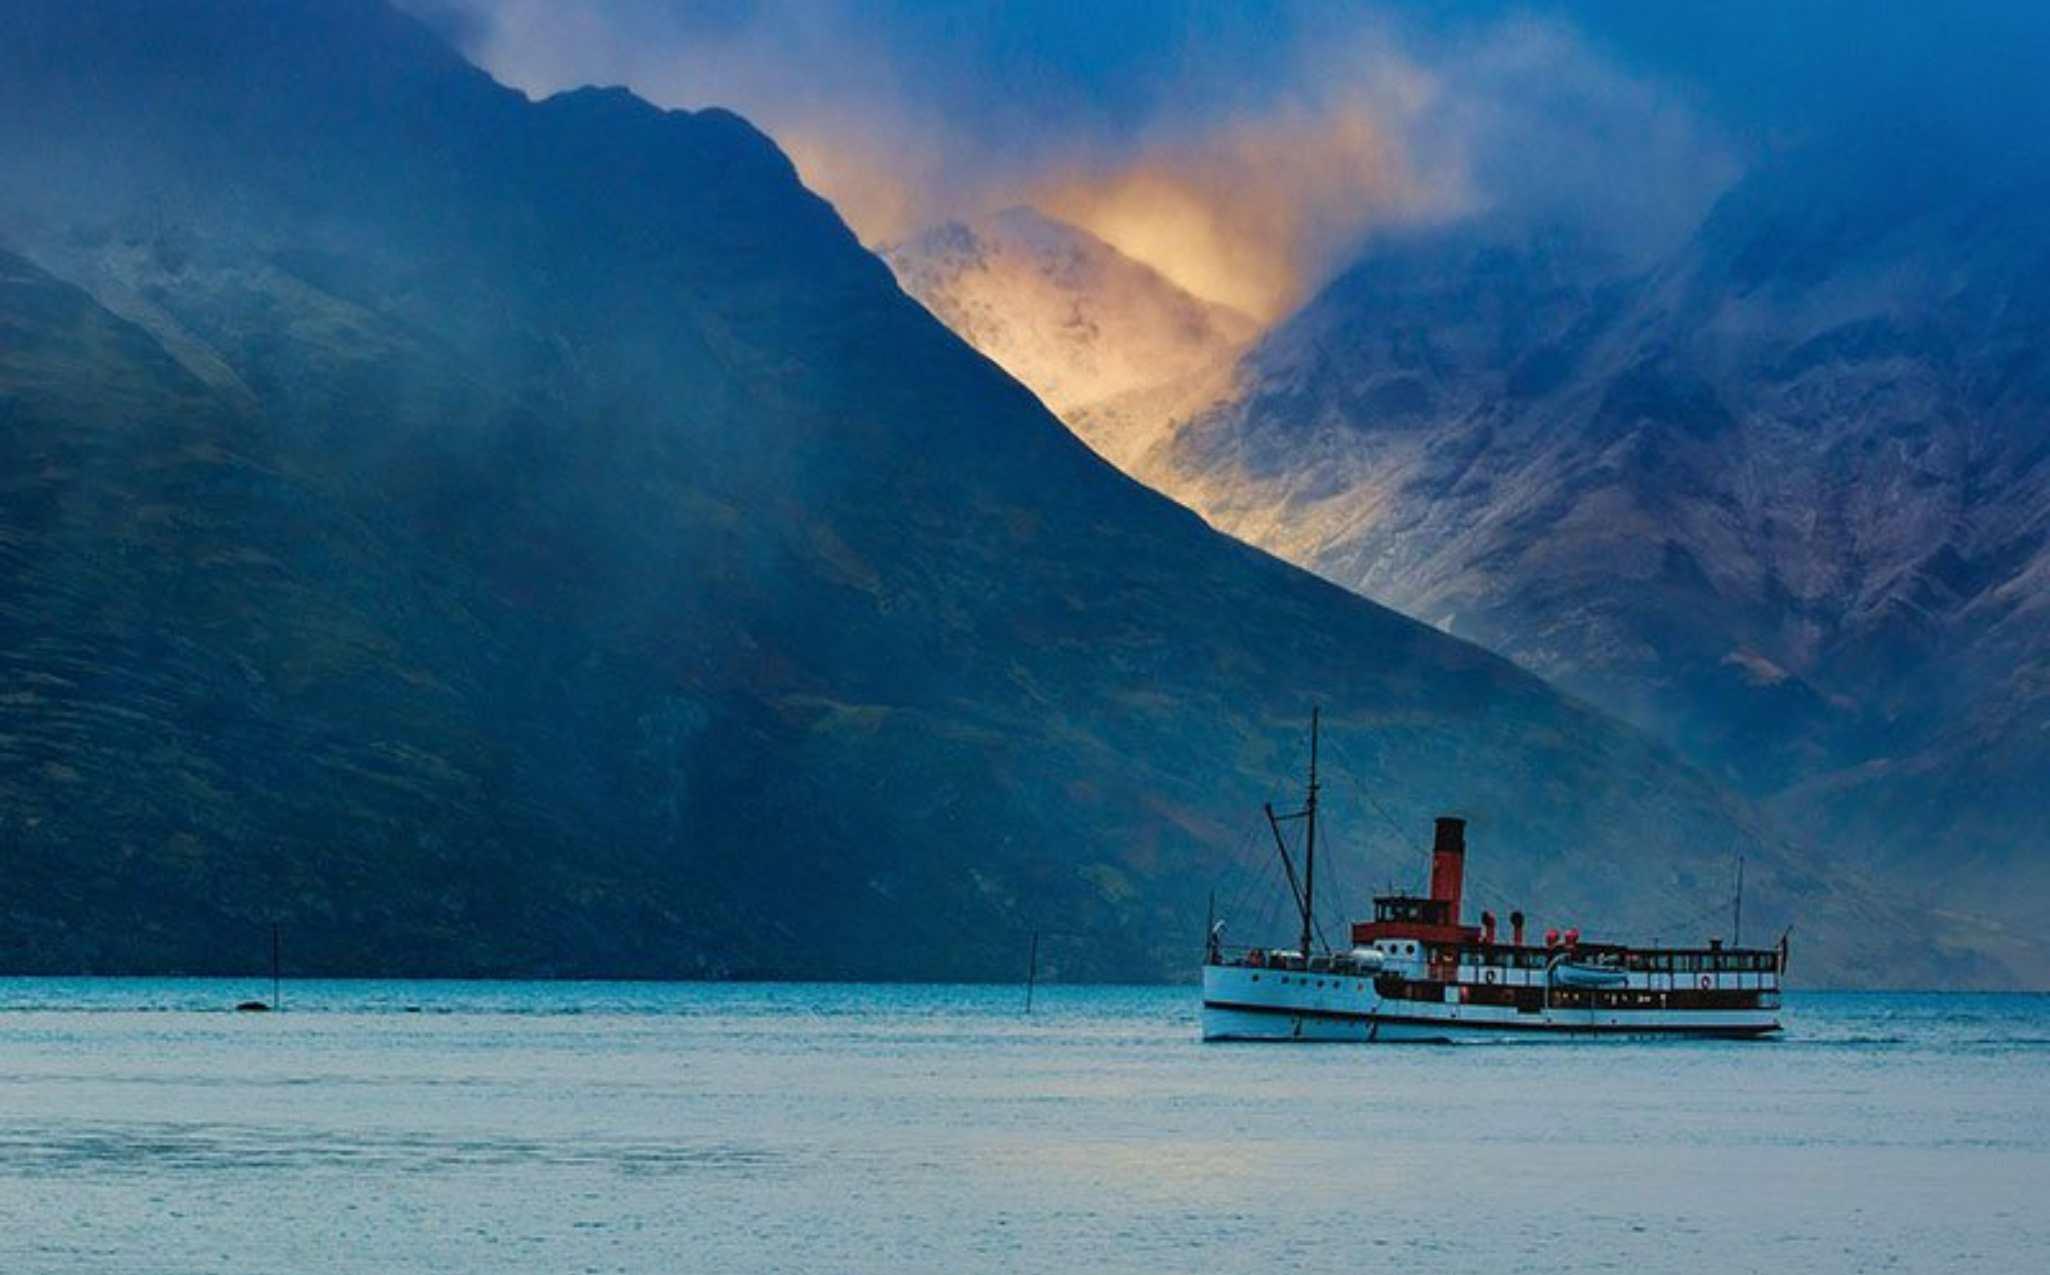 New Zealand TSS Earnslaw Cruise